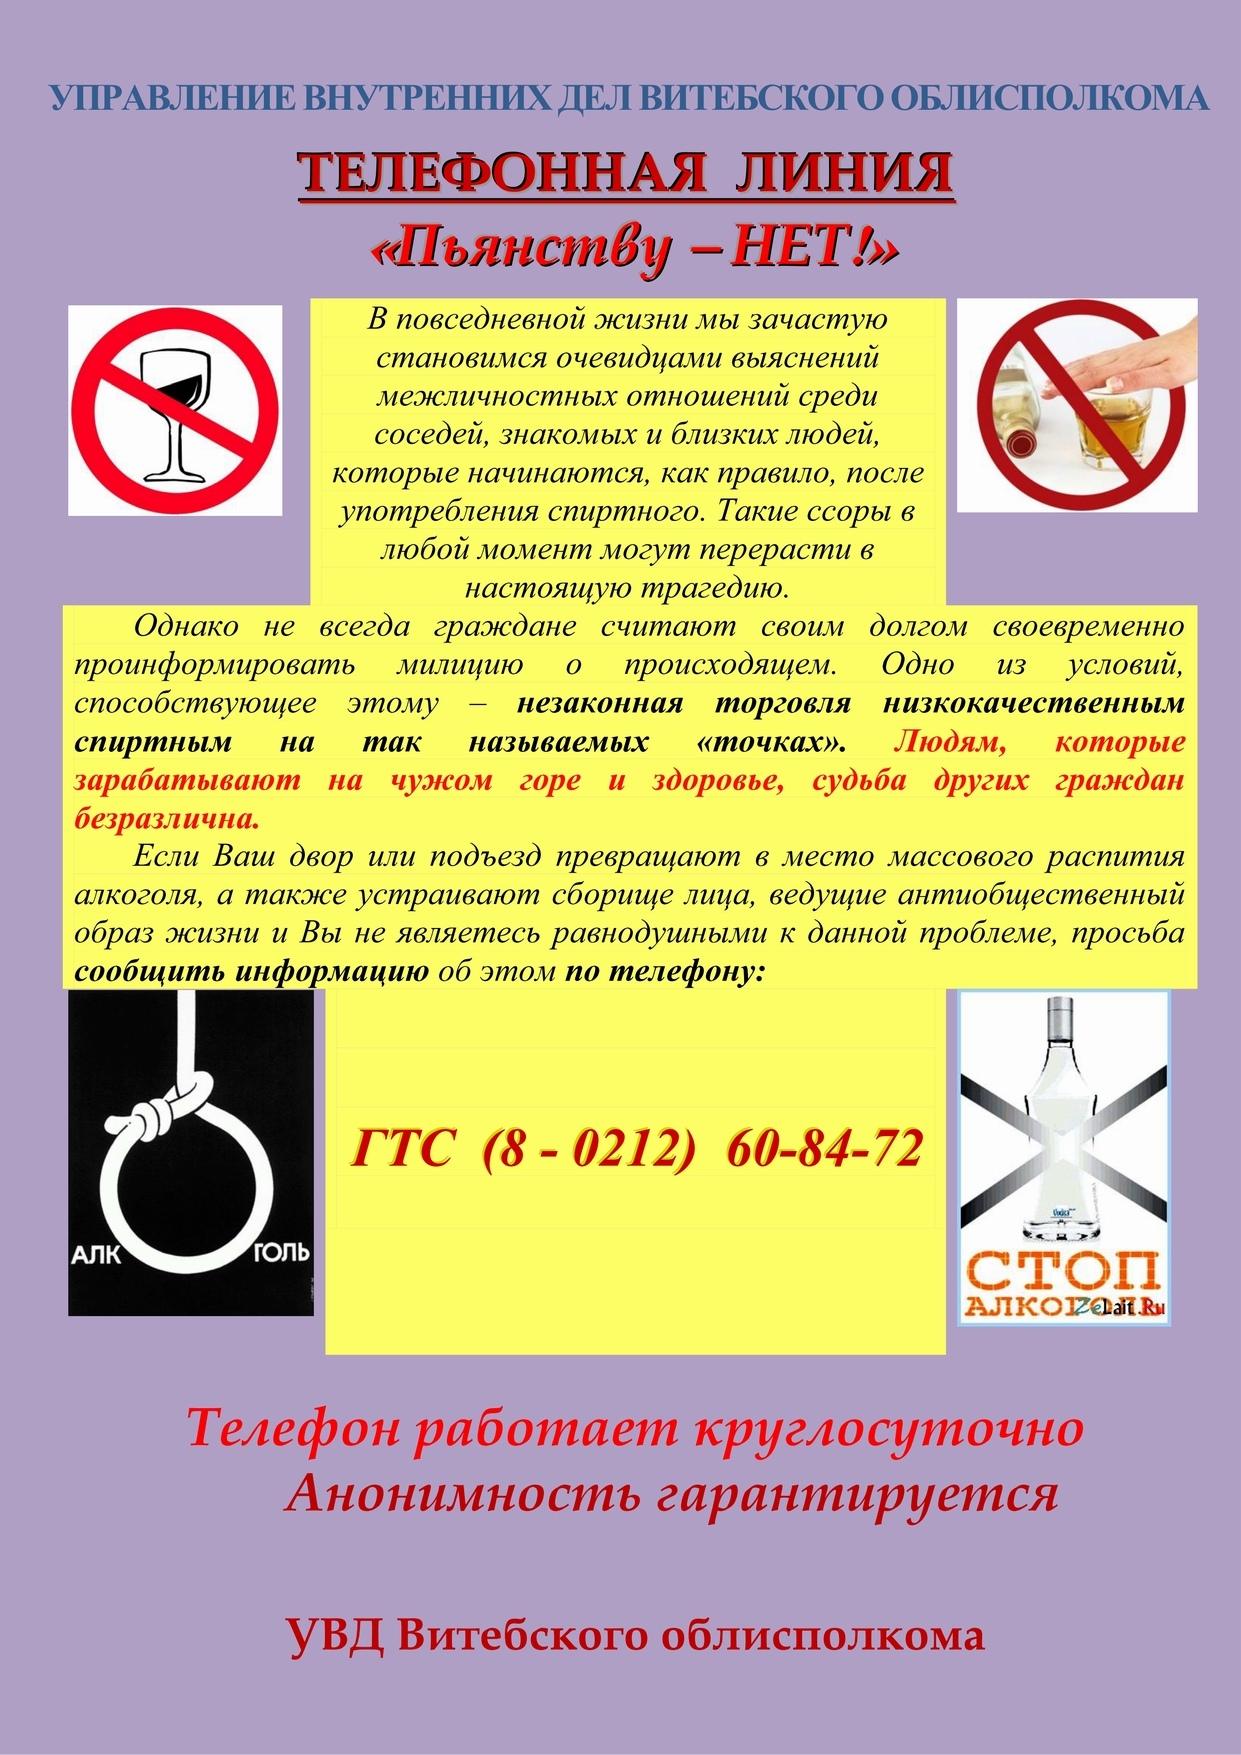 """Телефонная линия """"Пьянству-нет!"""""""